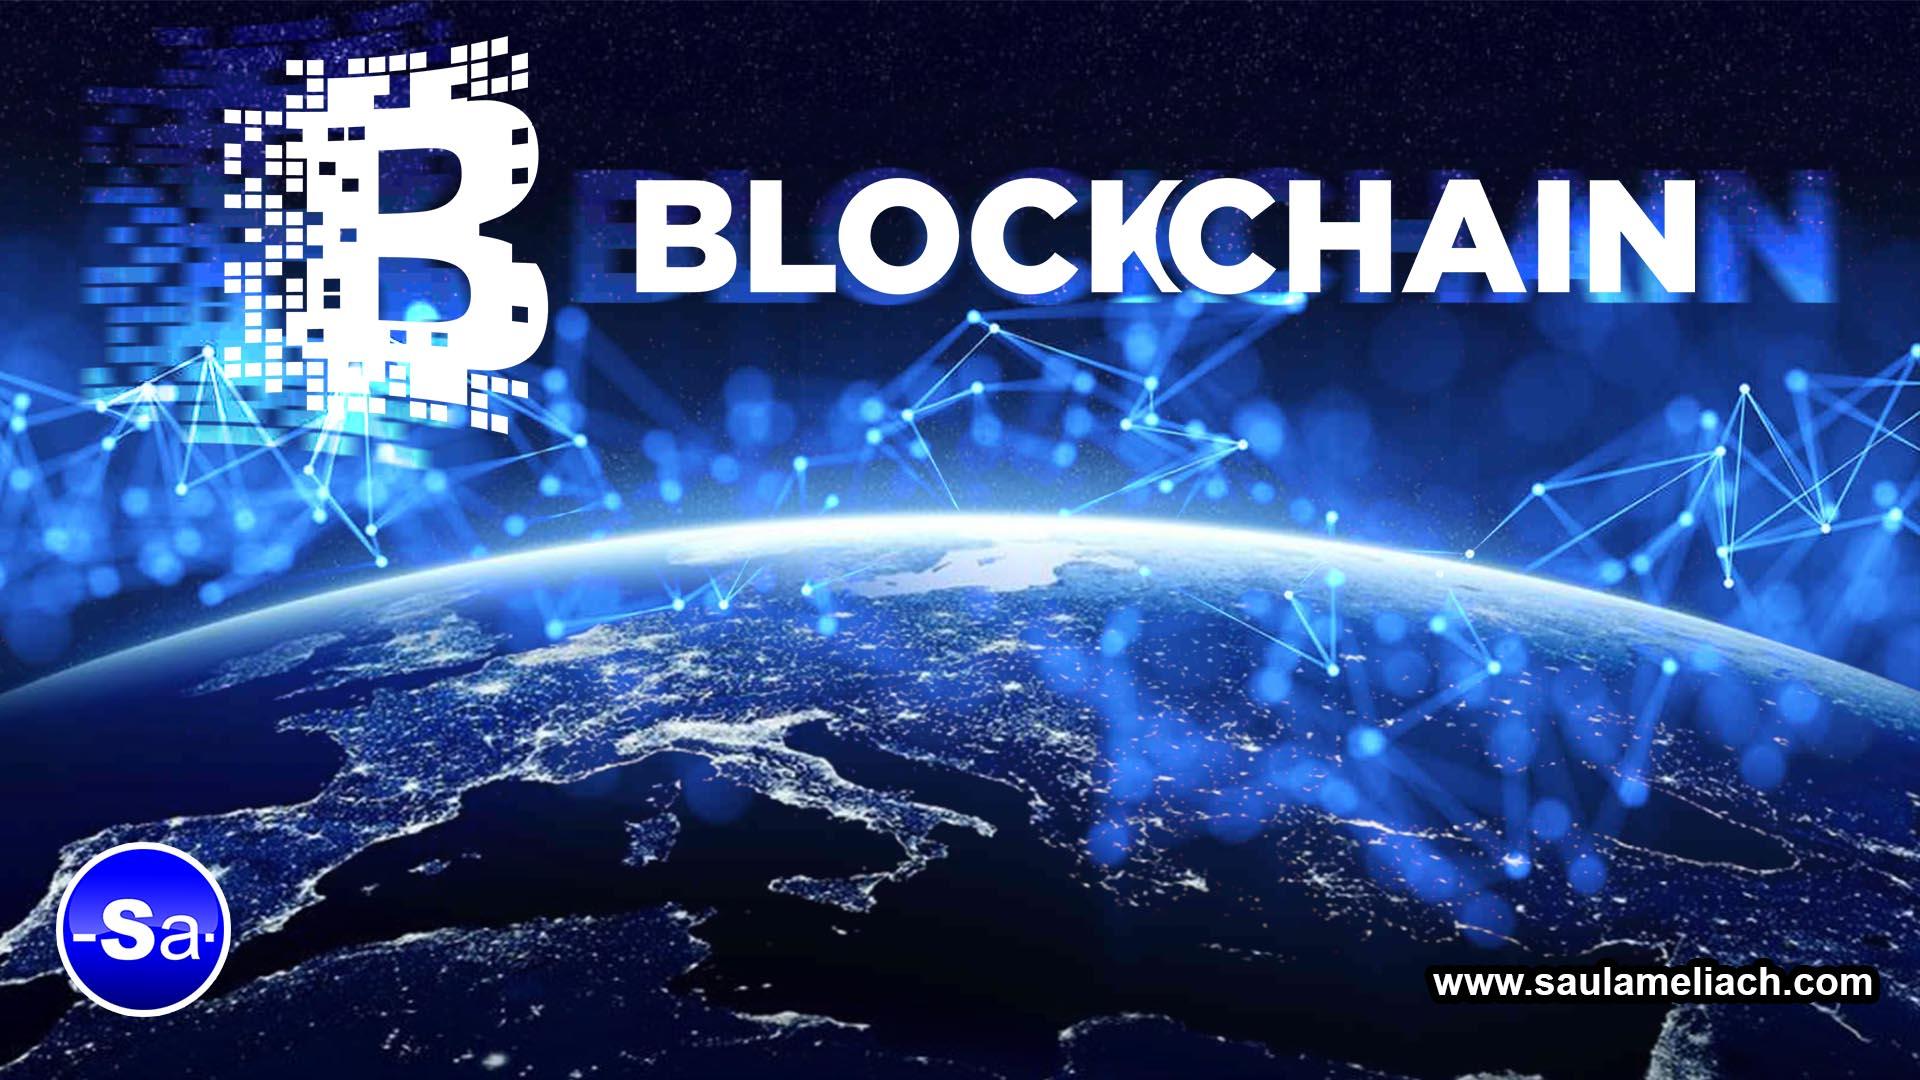 Saul Ameliach - Blockchain revolucionando los mercado y los negocios